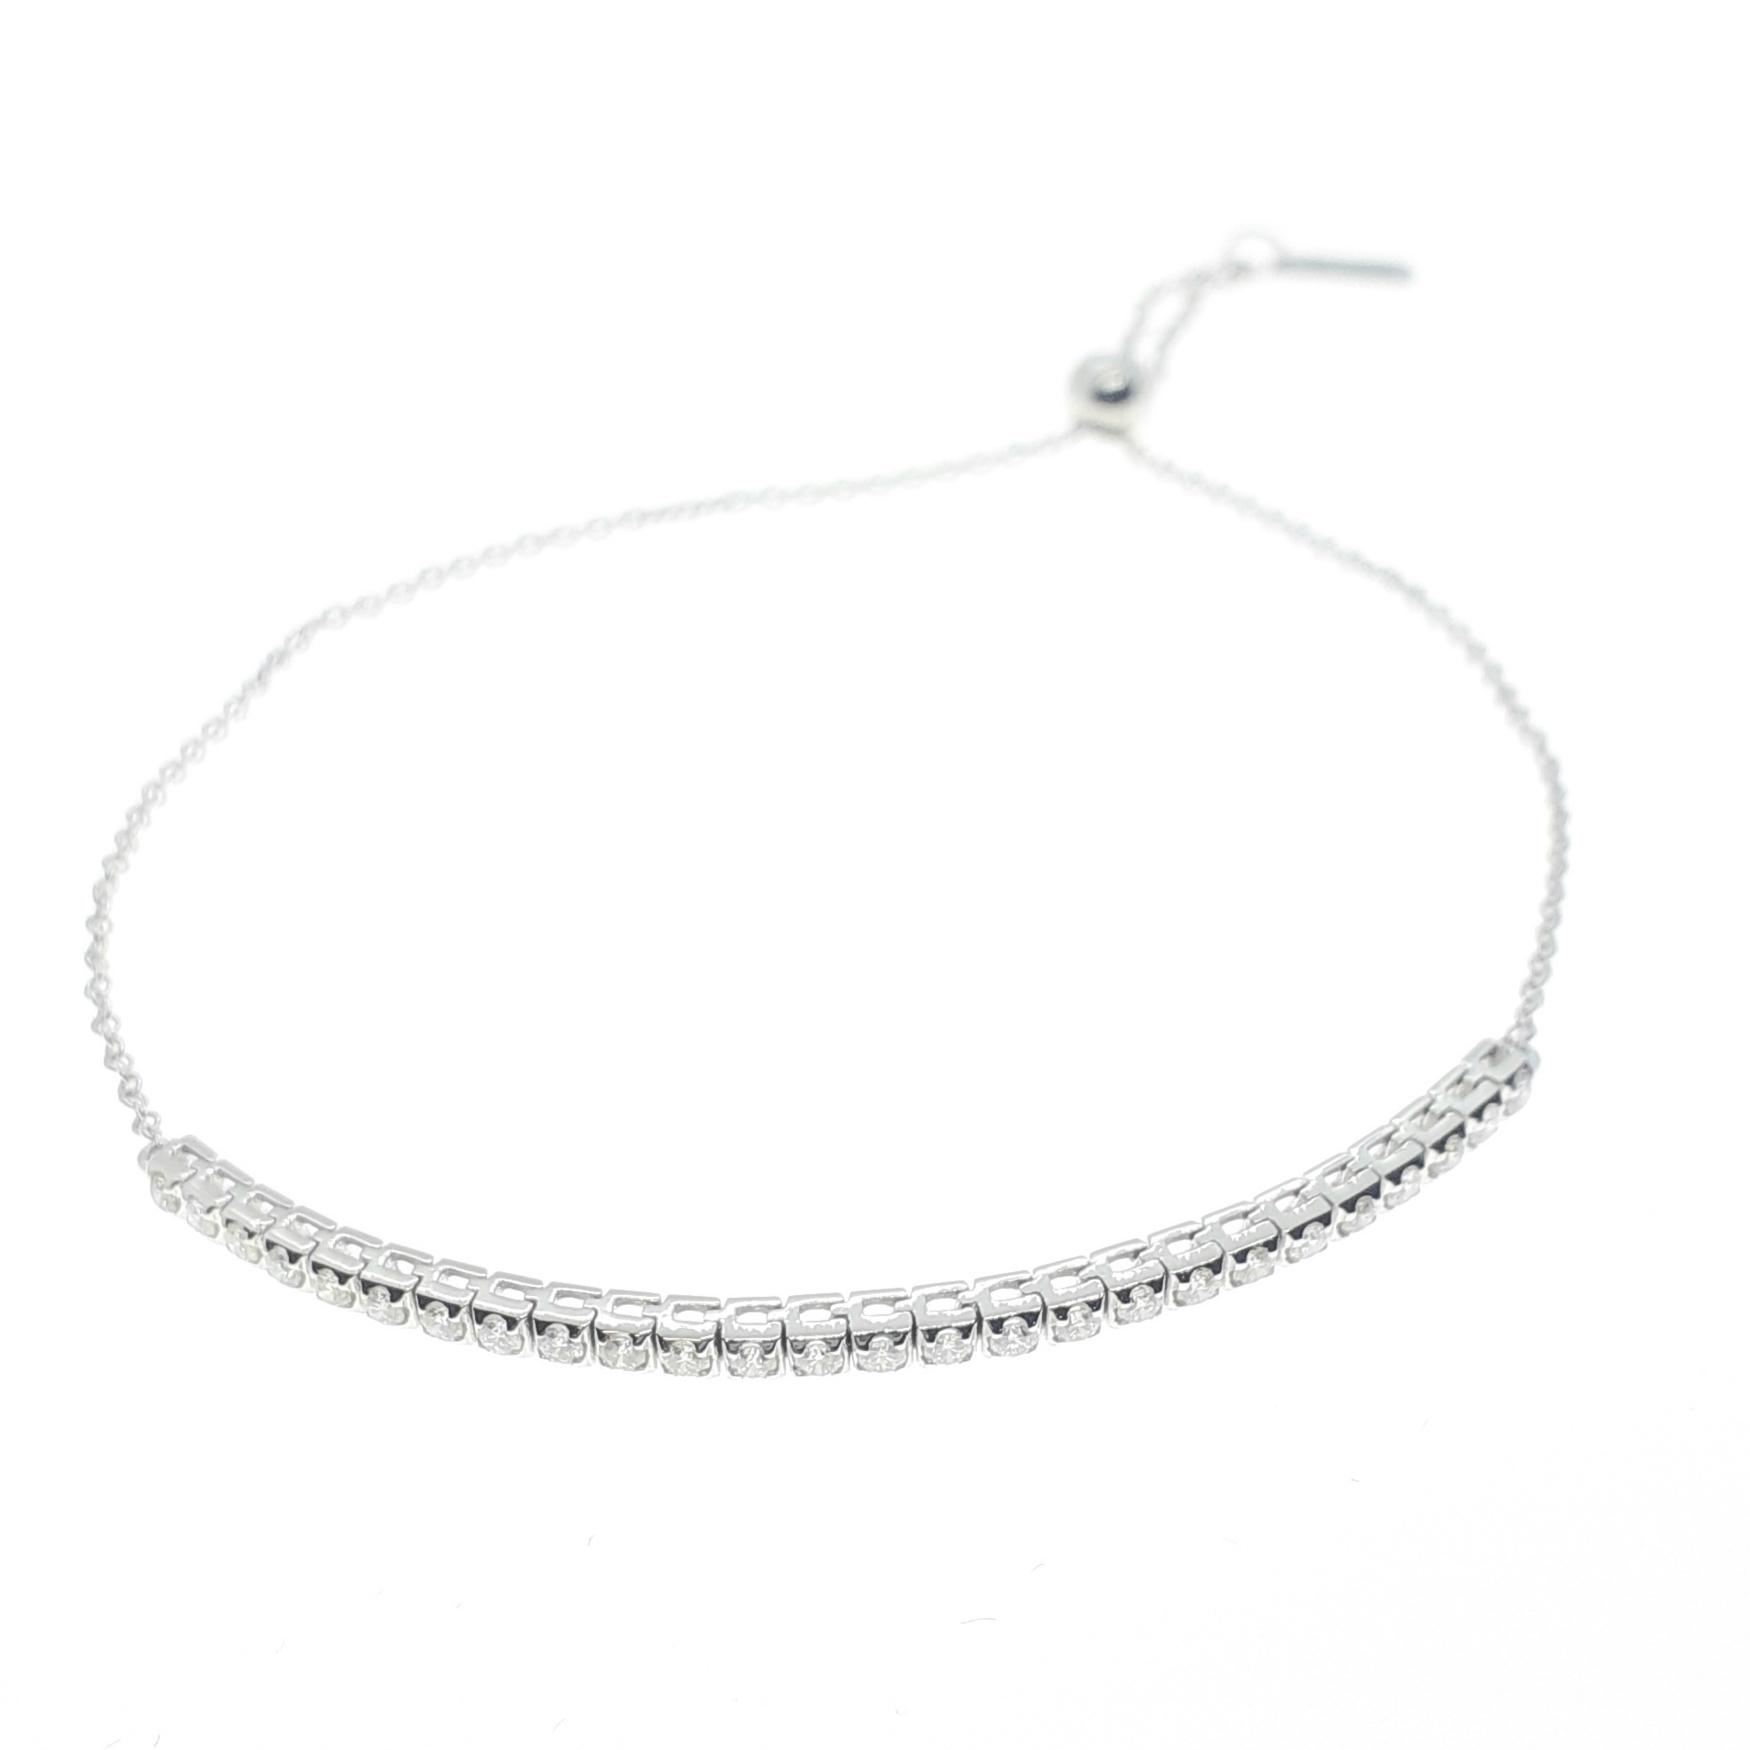 Sensi joyas alta joyería Granada plata compromiso PULSERA ORO 18K  BRILLANTES  0,16 CTS